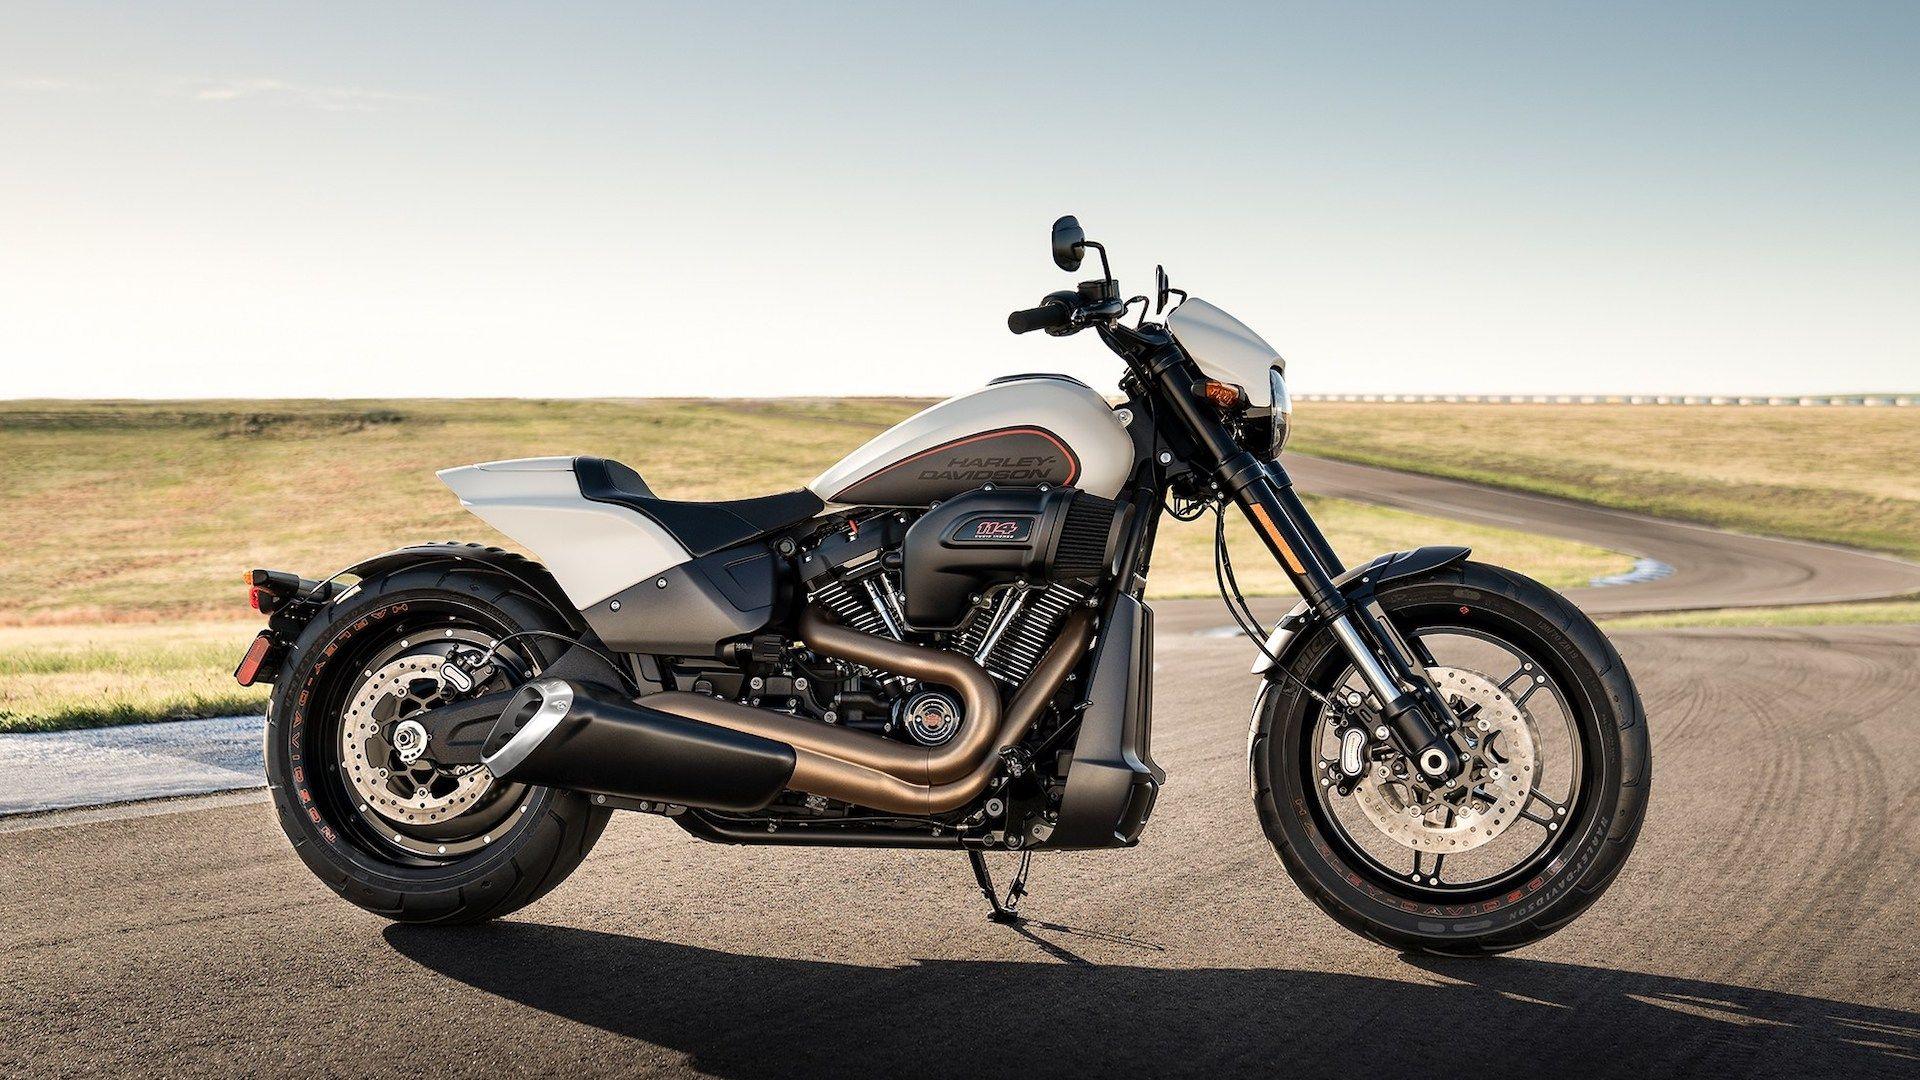 Un hostel en Europa nos permite alquilar motos Harley-Davidson para recorrer